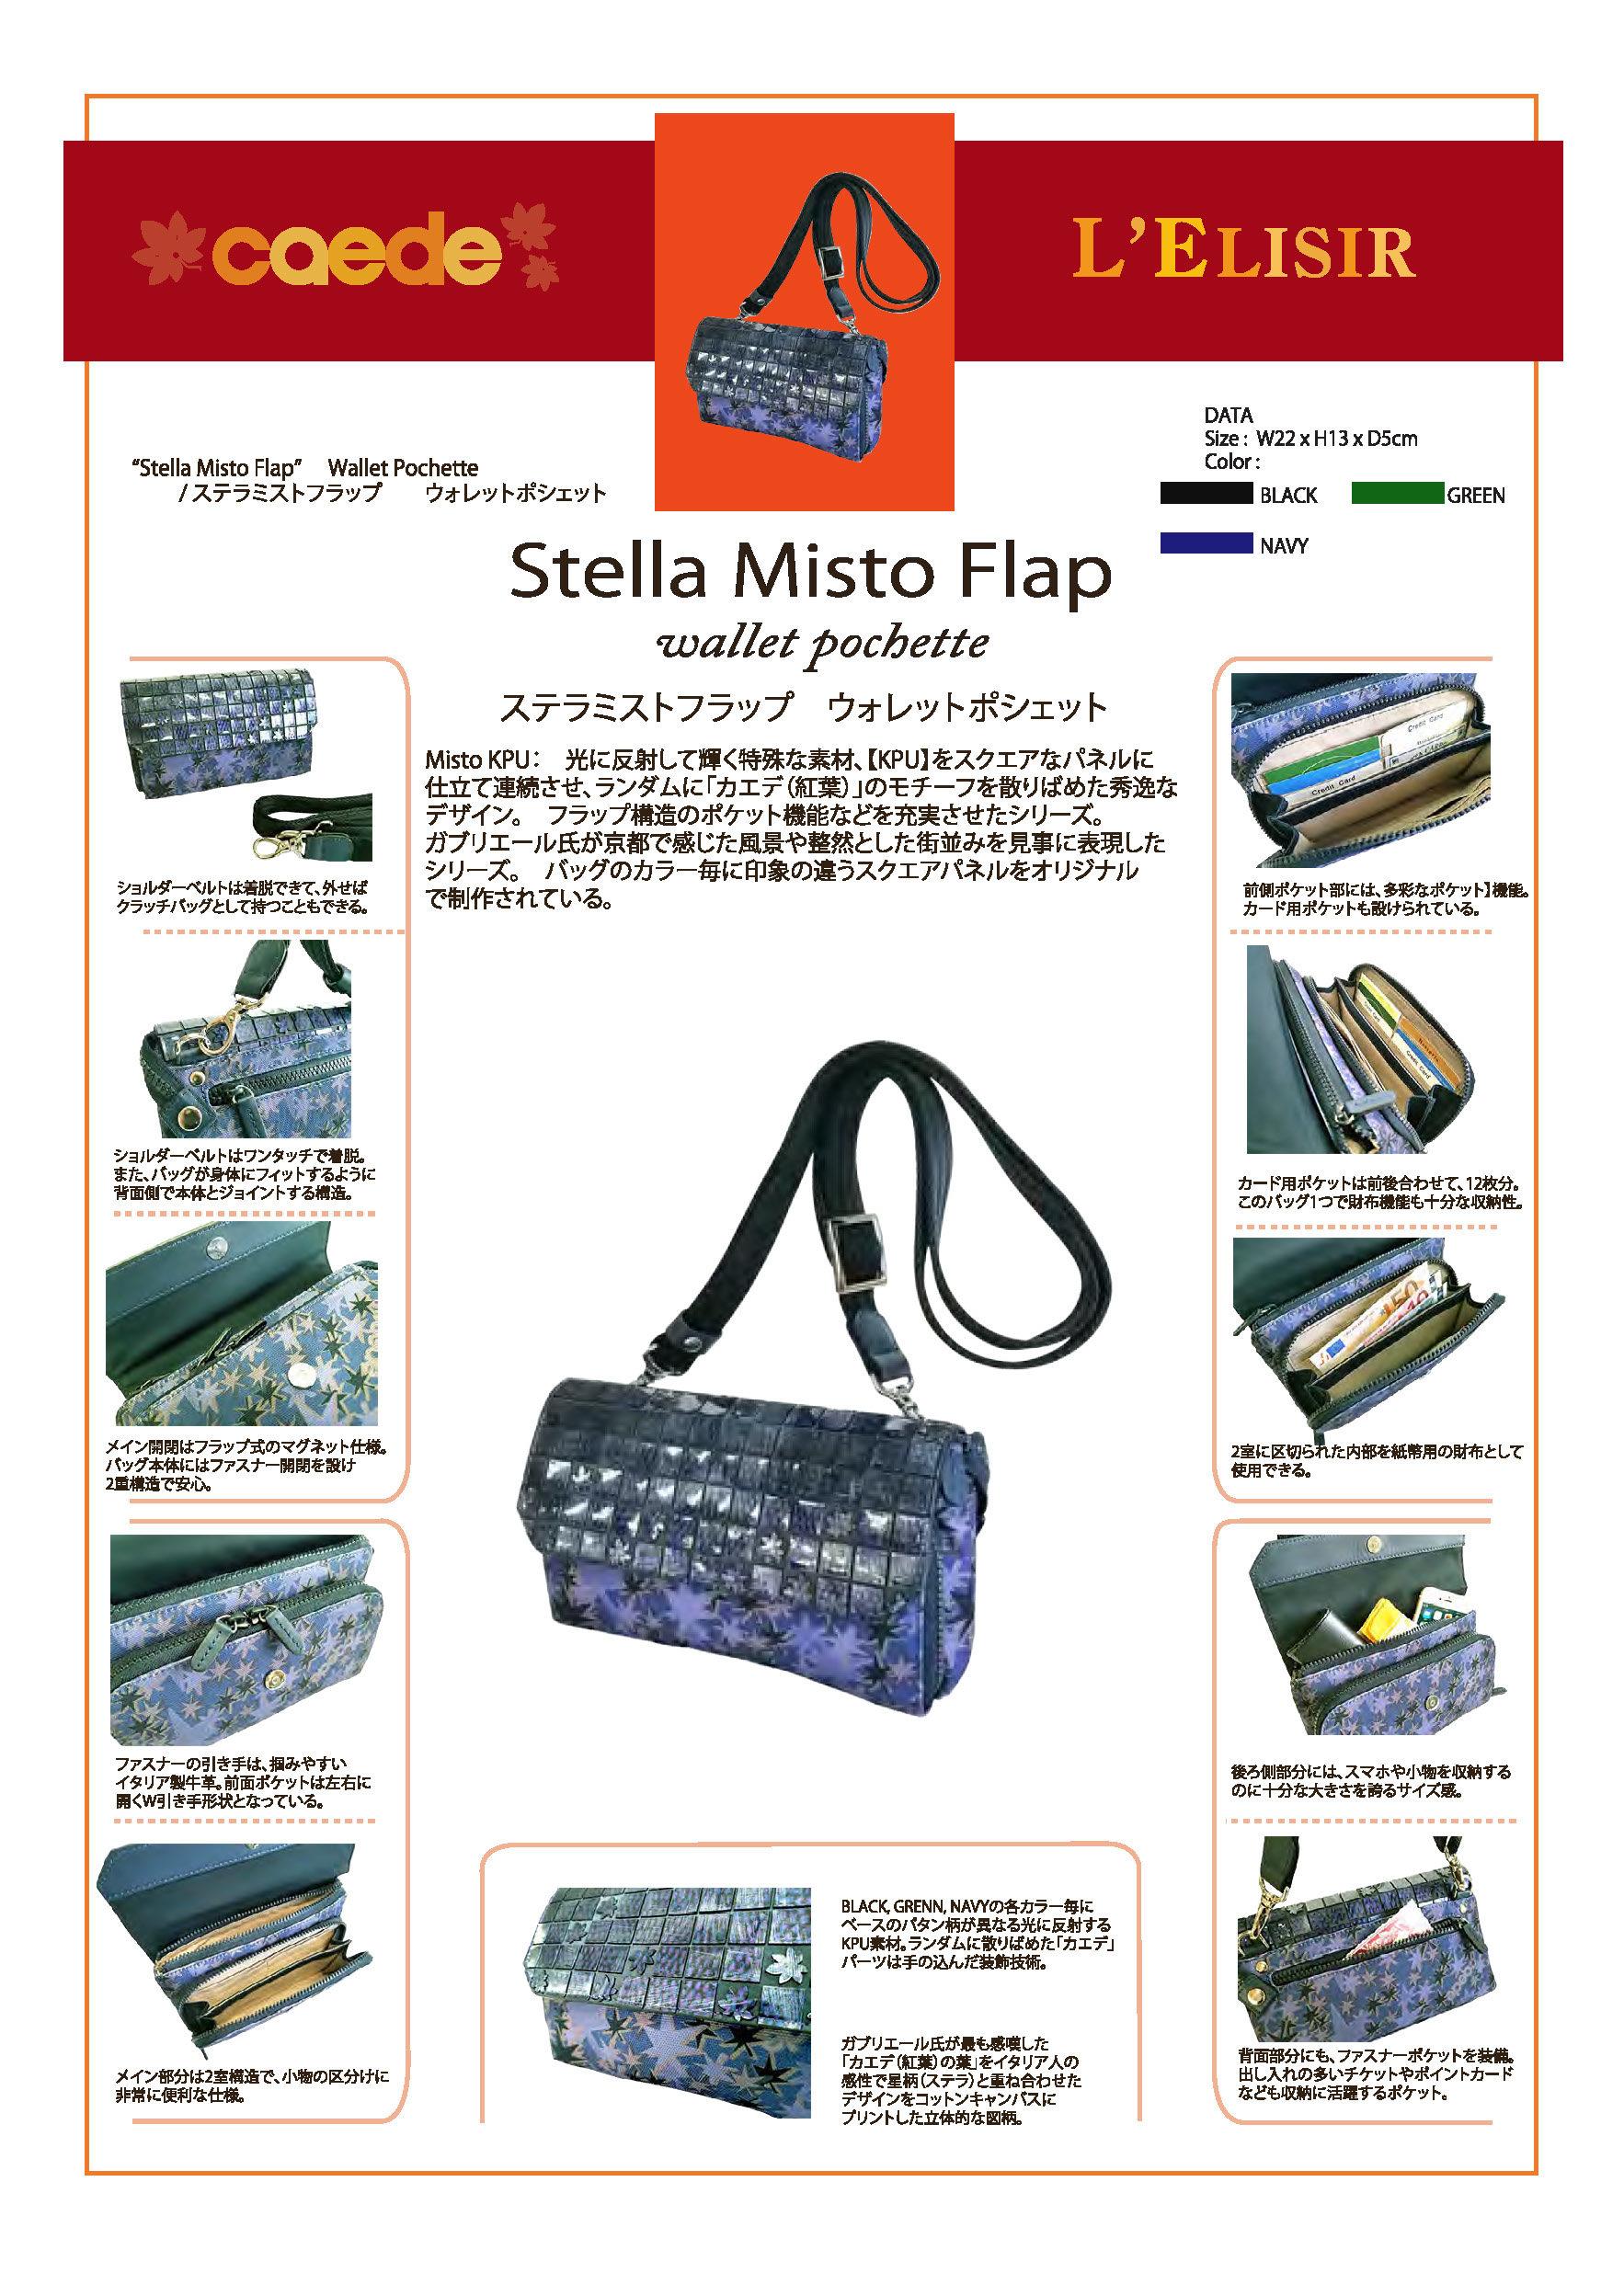 Stella Misto Flap Wallet Pochette | caede京都Collection